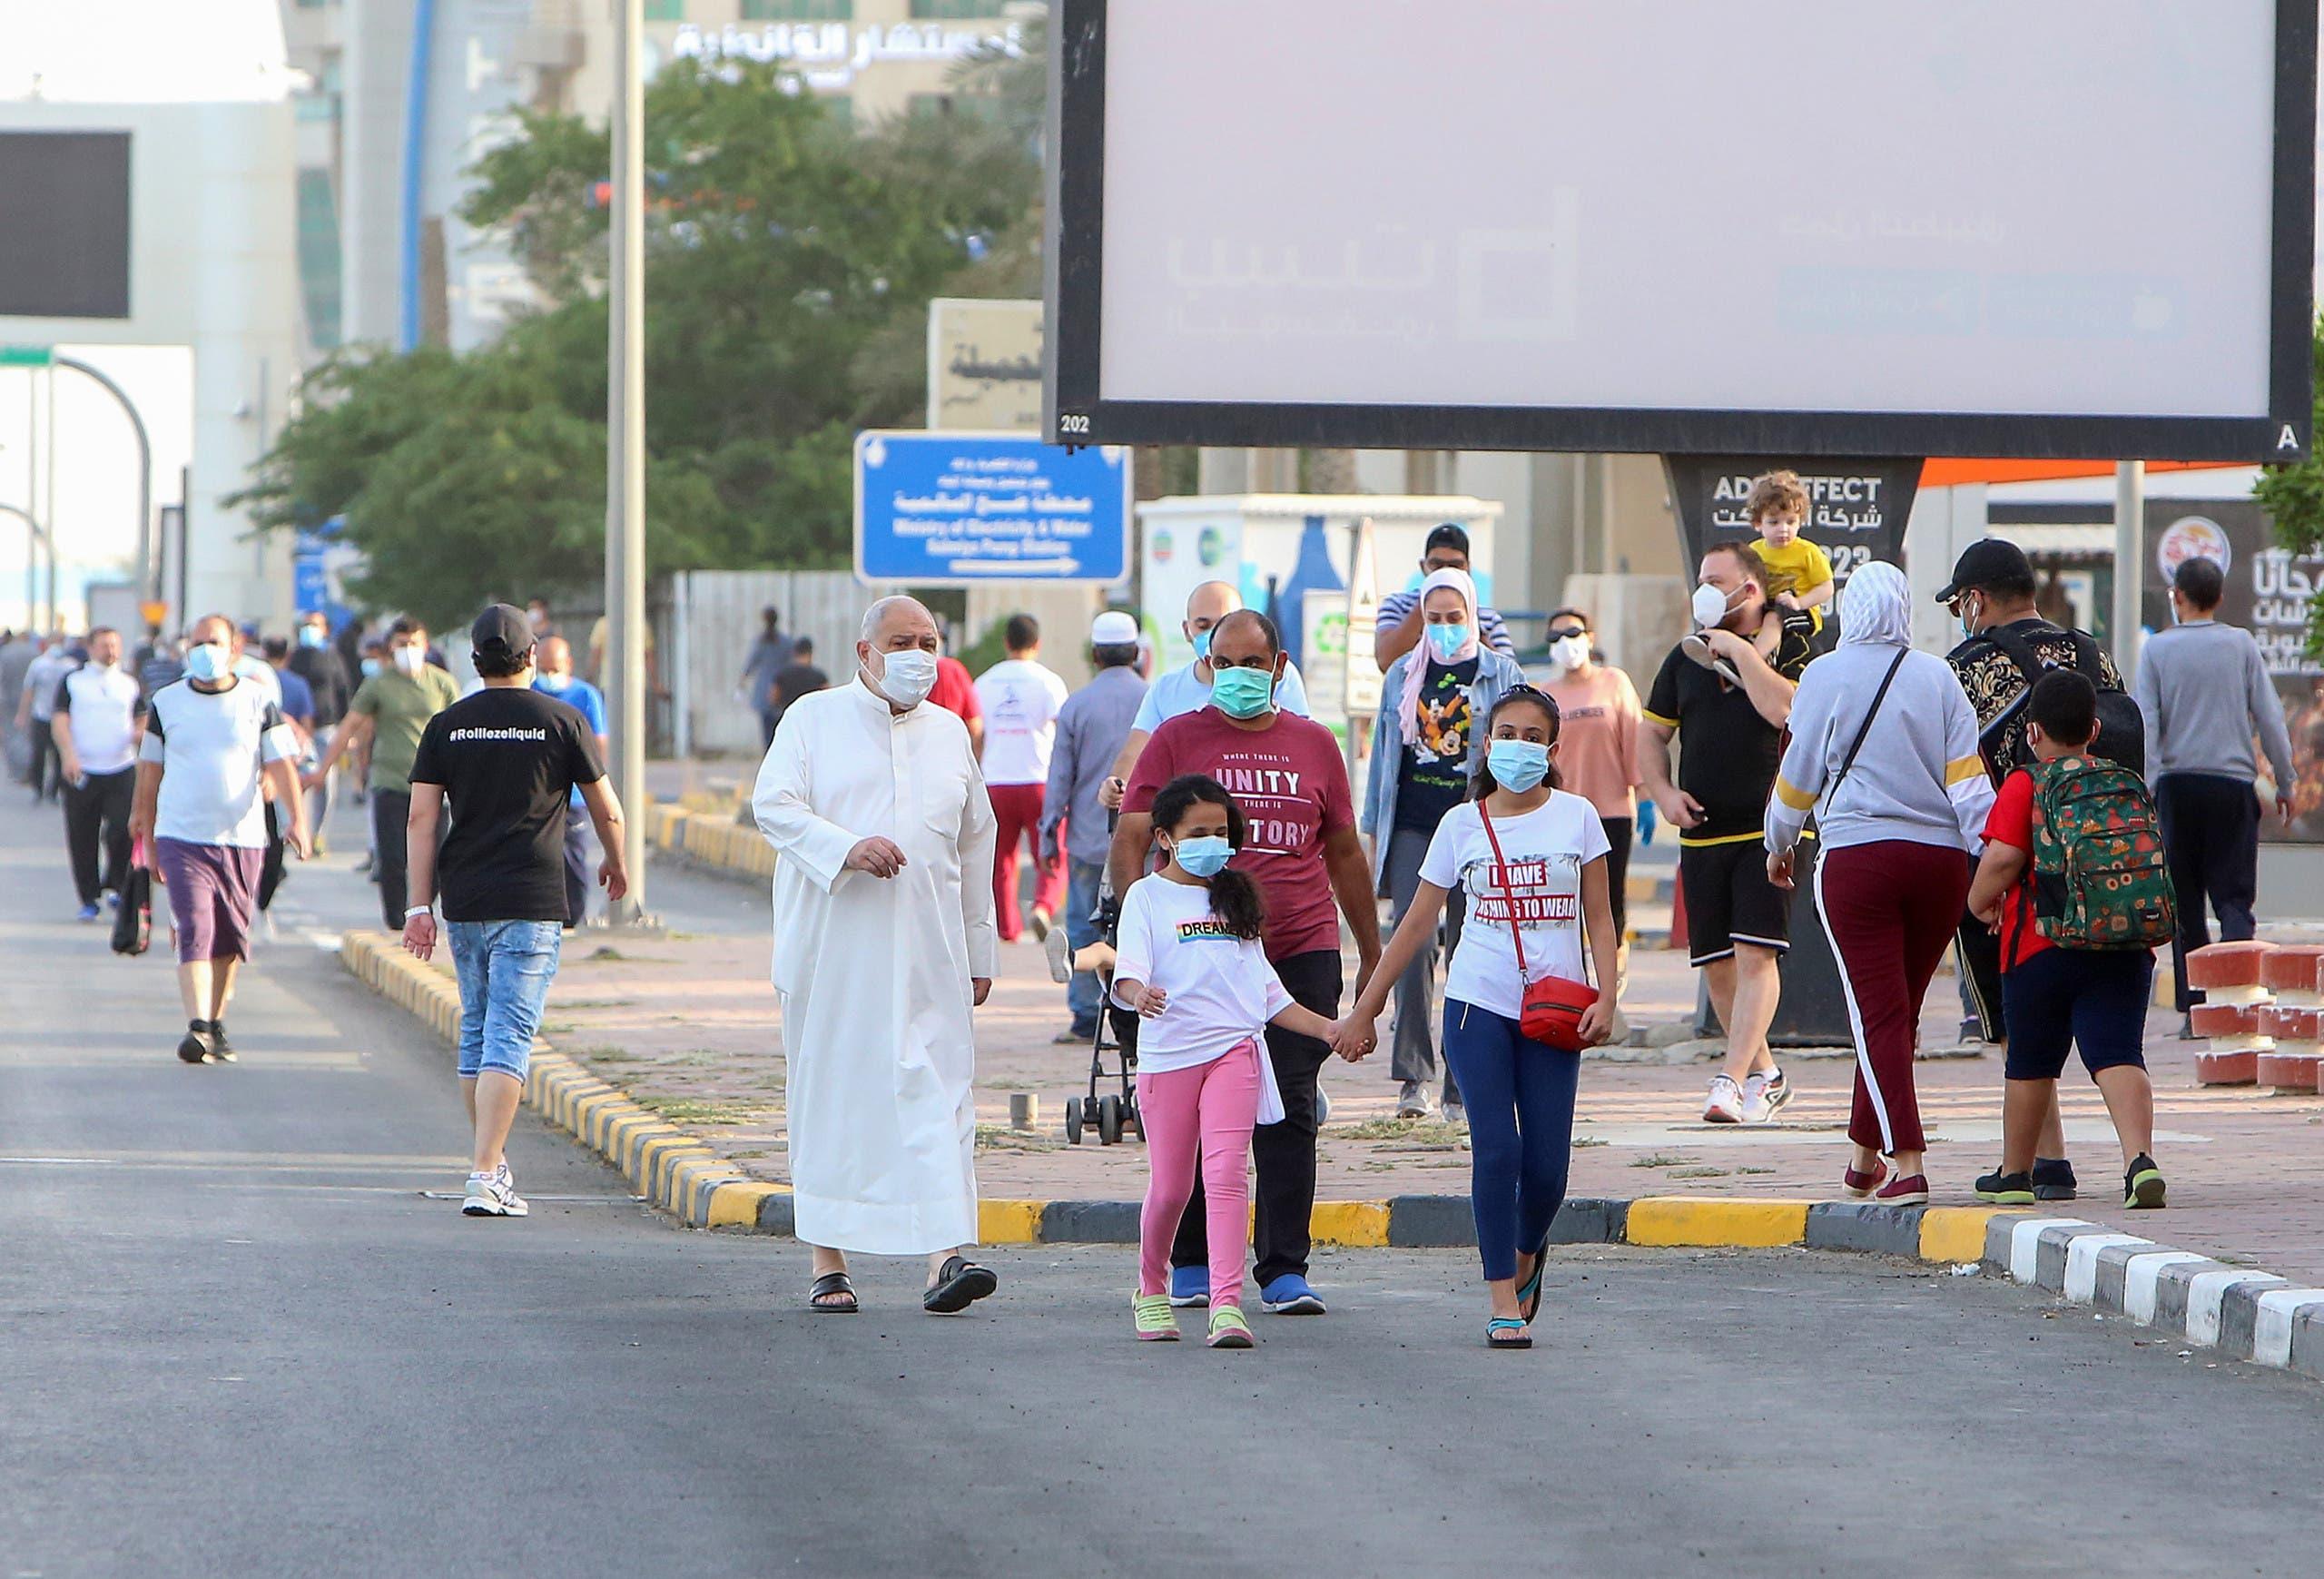 سكان العاصمة الكويتية يتنزهون مرتدين الكمامات